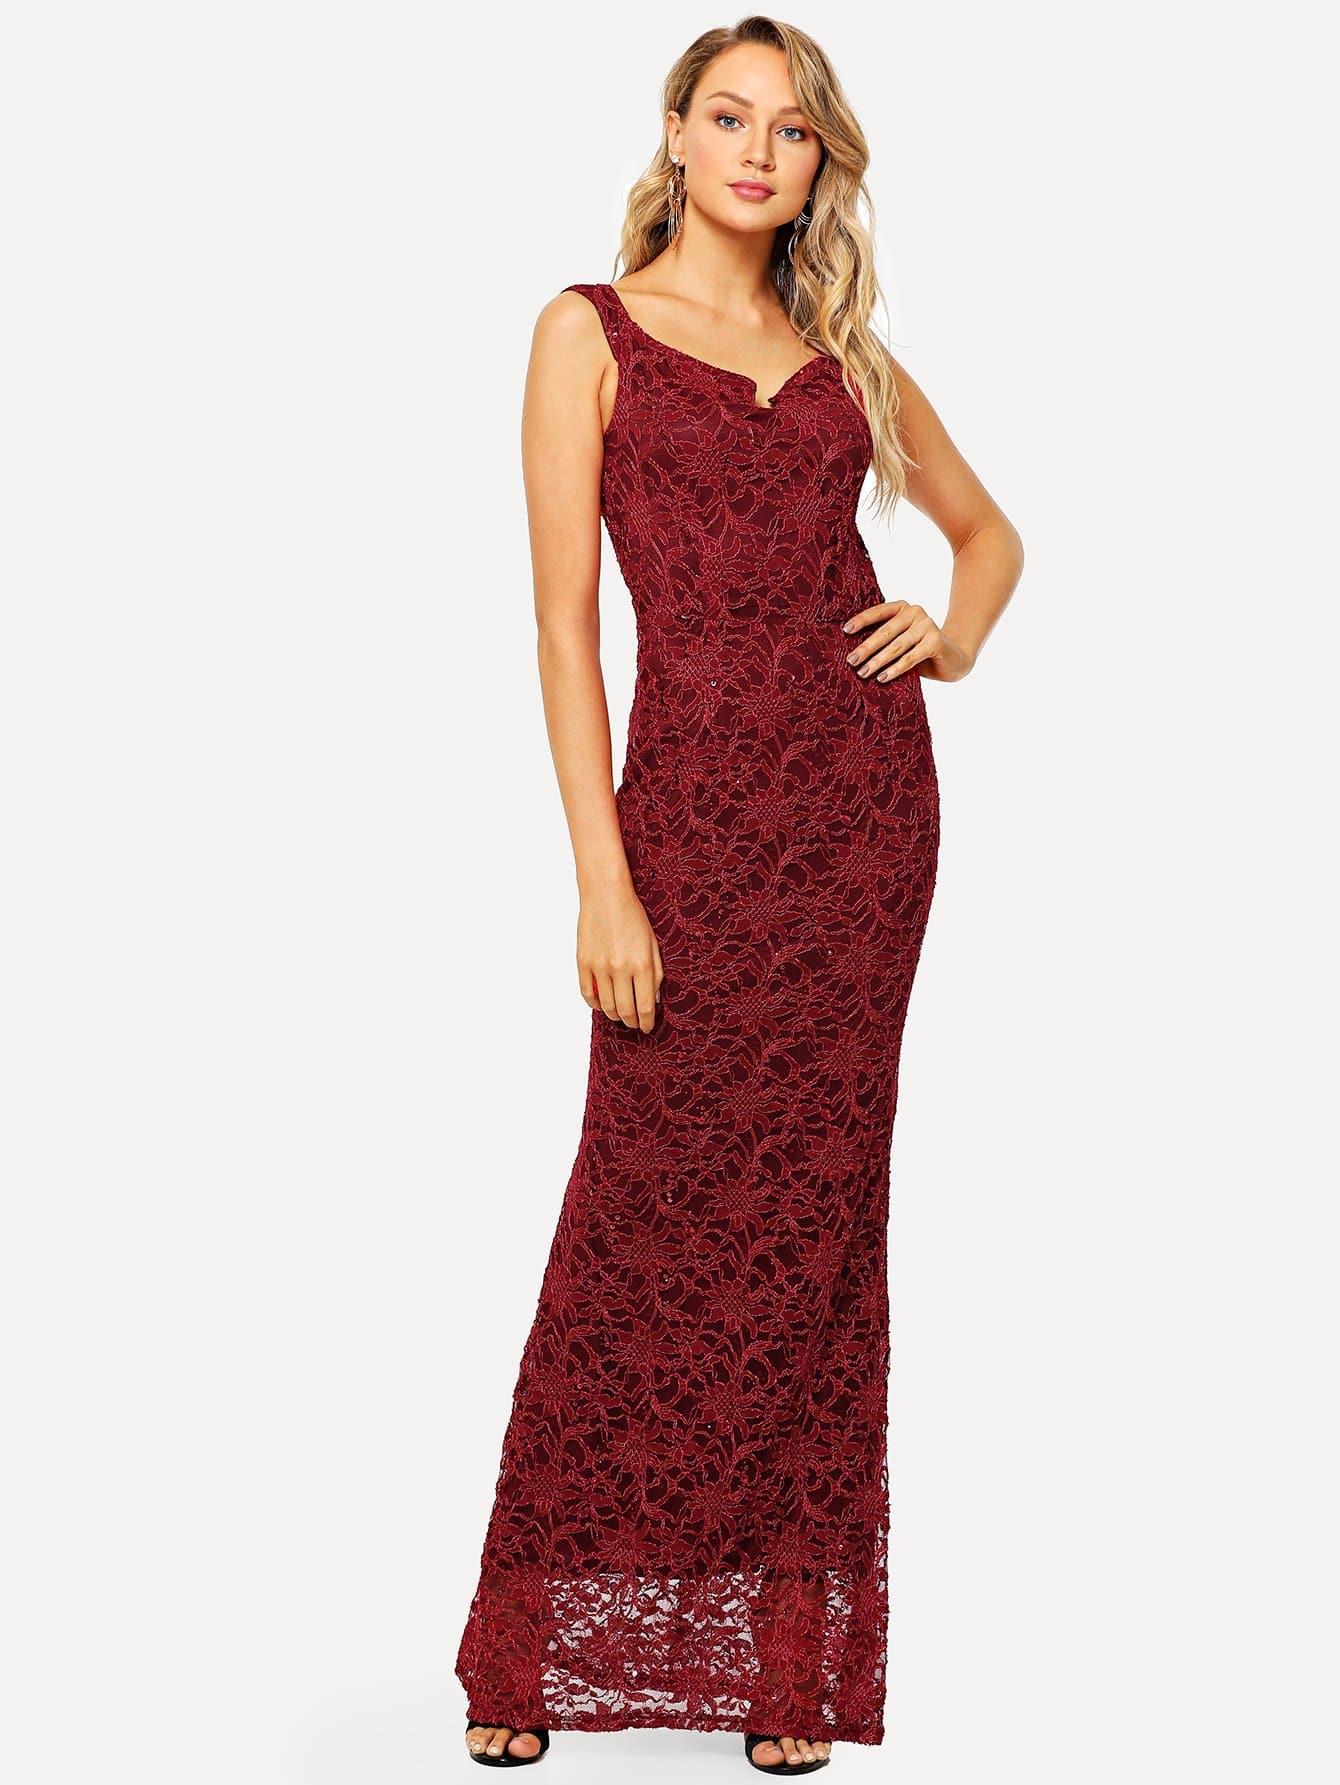 Купить Кружевное платье с застёжкой молния сзади одежды, Sasa, SheIn